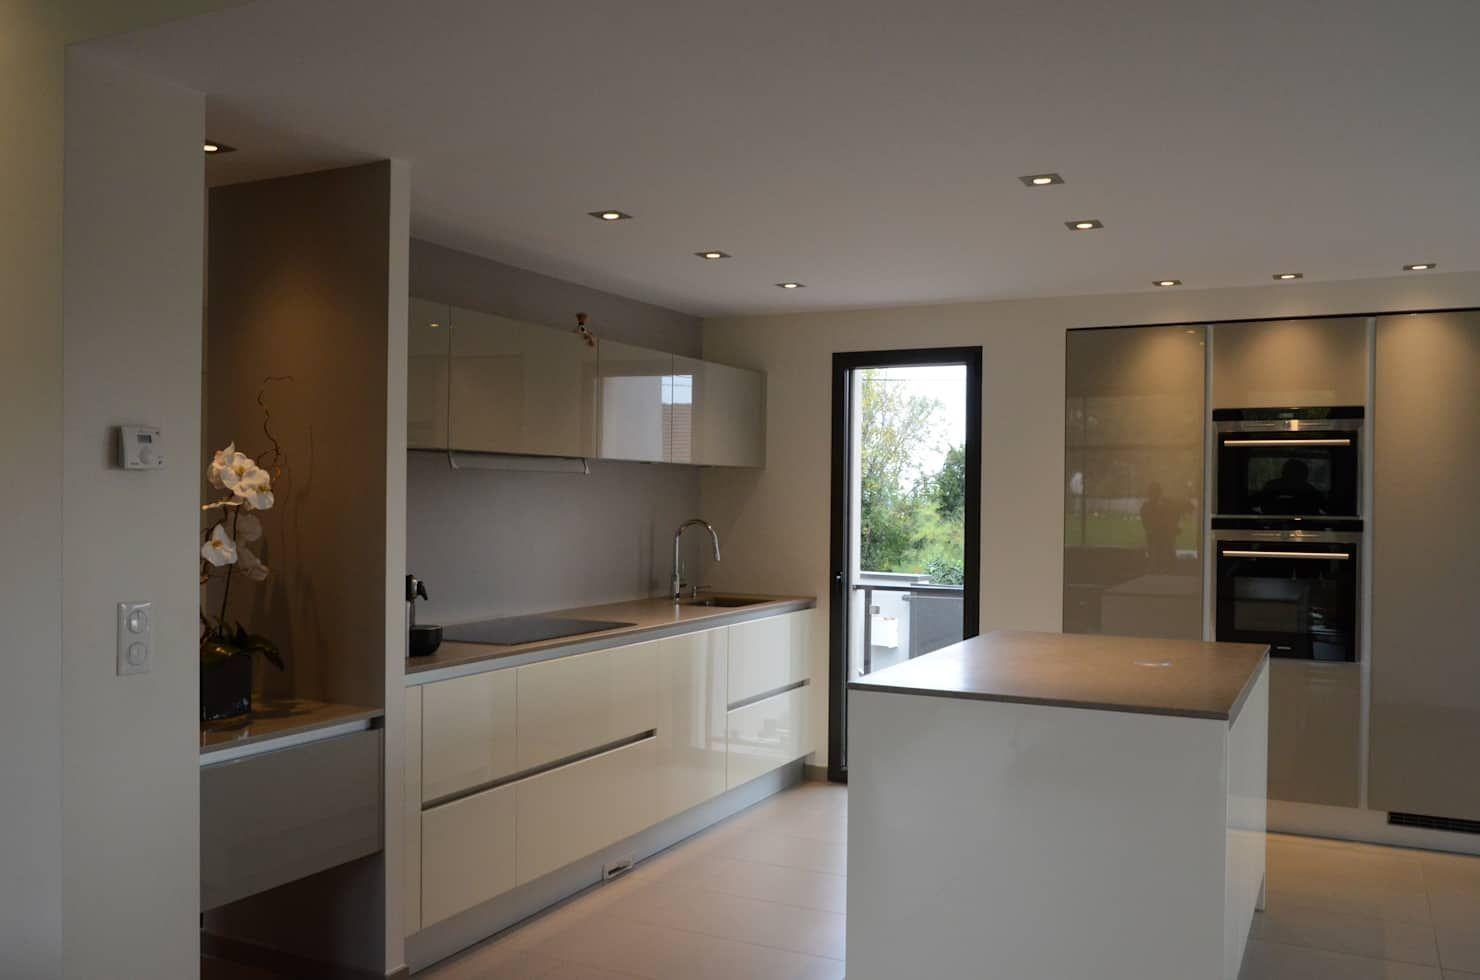 Cuisine Avec Ilot Central Cuisine De Style Par Pierre Bernard Creation En 2019 Cuisine Moderne Kitchen Cabinets Home Decor Et Kitchen Island